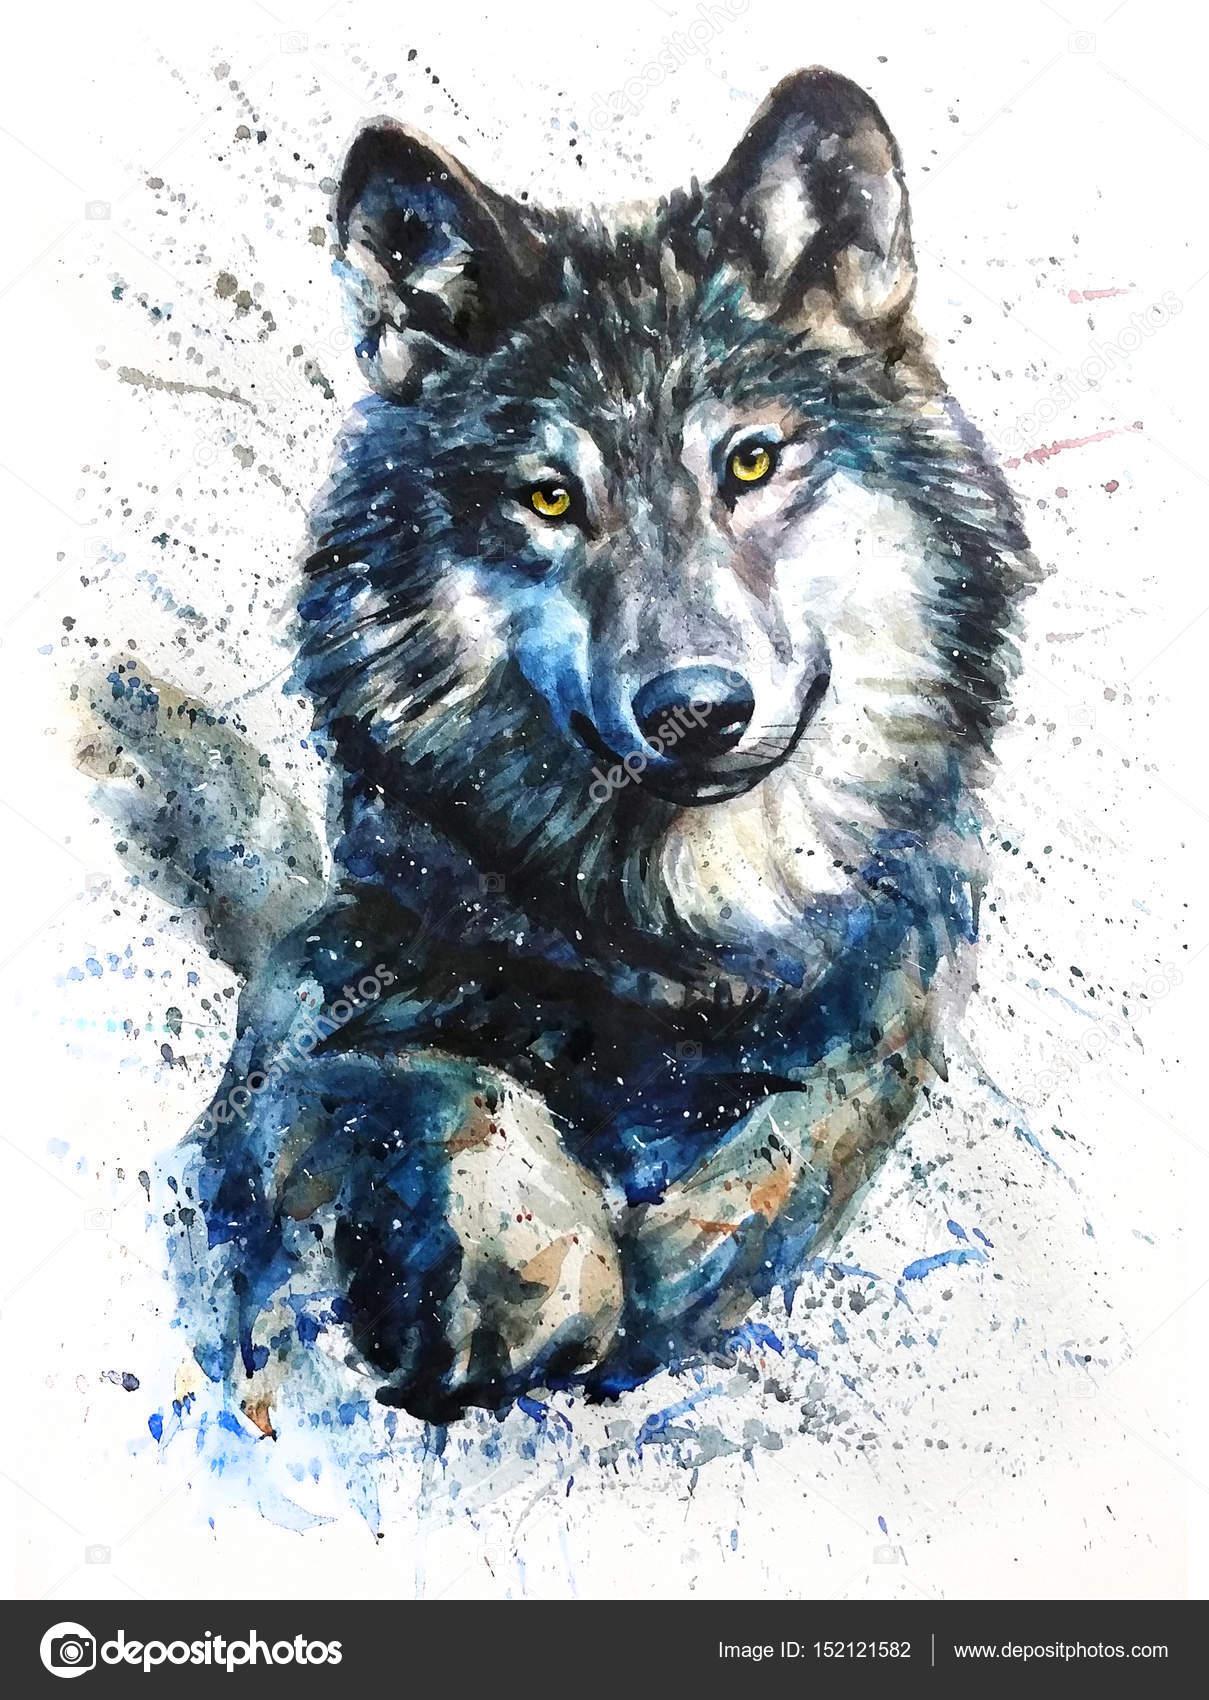 Watercolor Black Dog